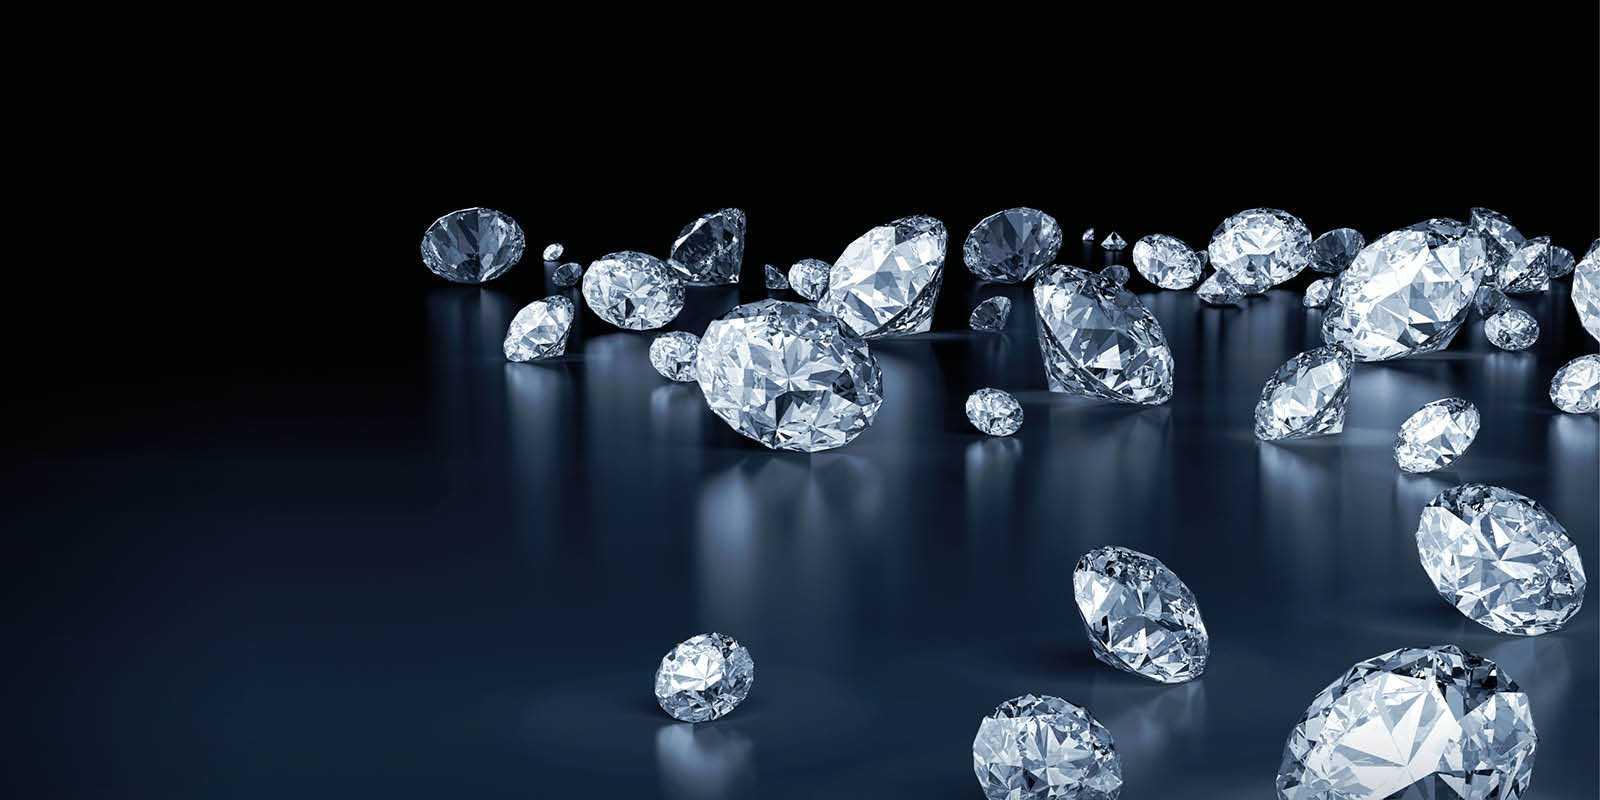 Şubat Ayında 305 Milyon Dolar Mücevher İhracatı Gerçekleşti